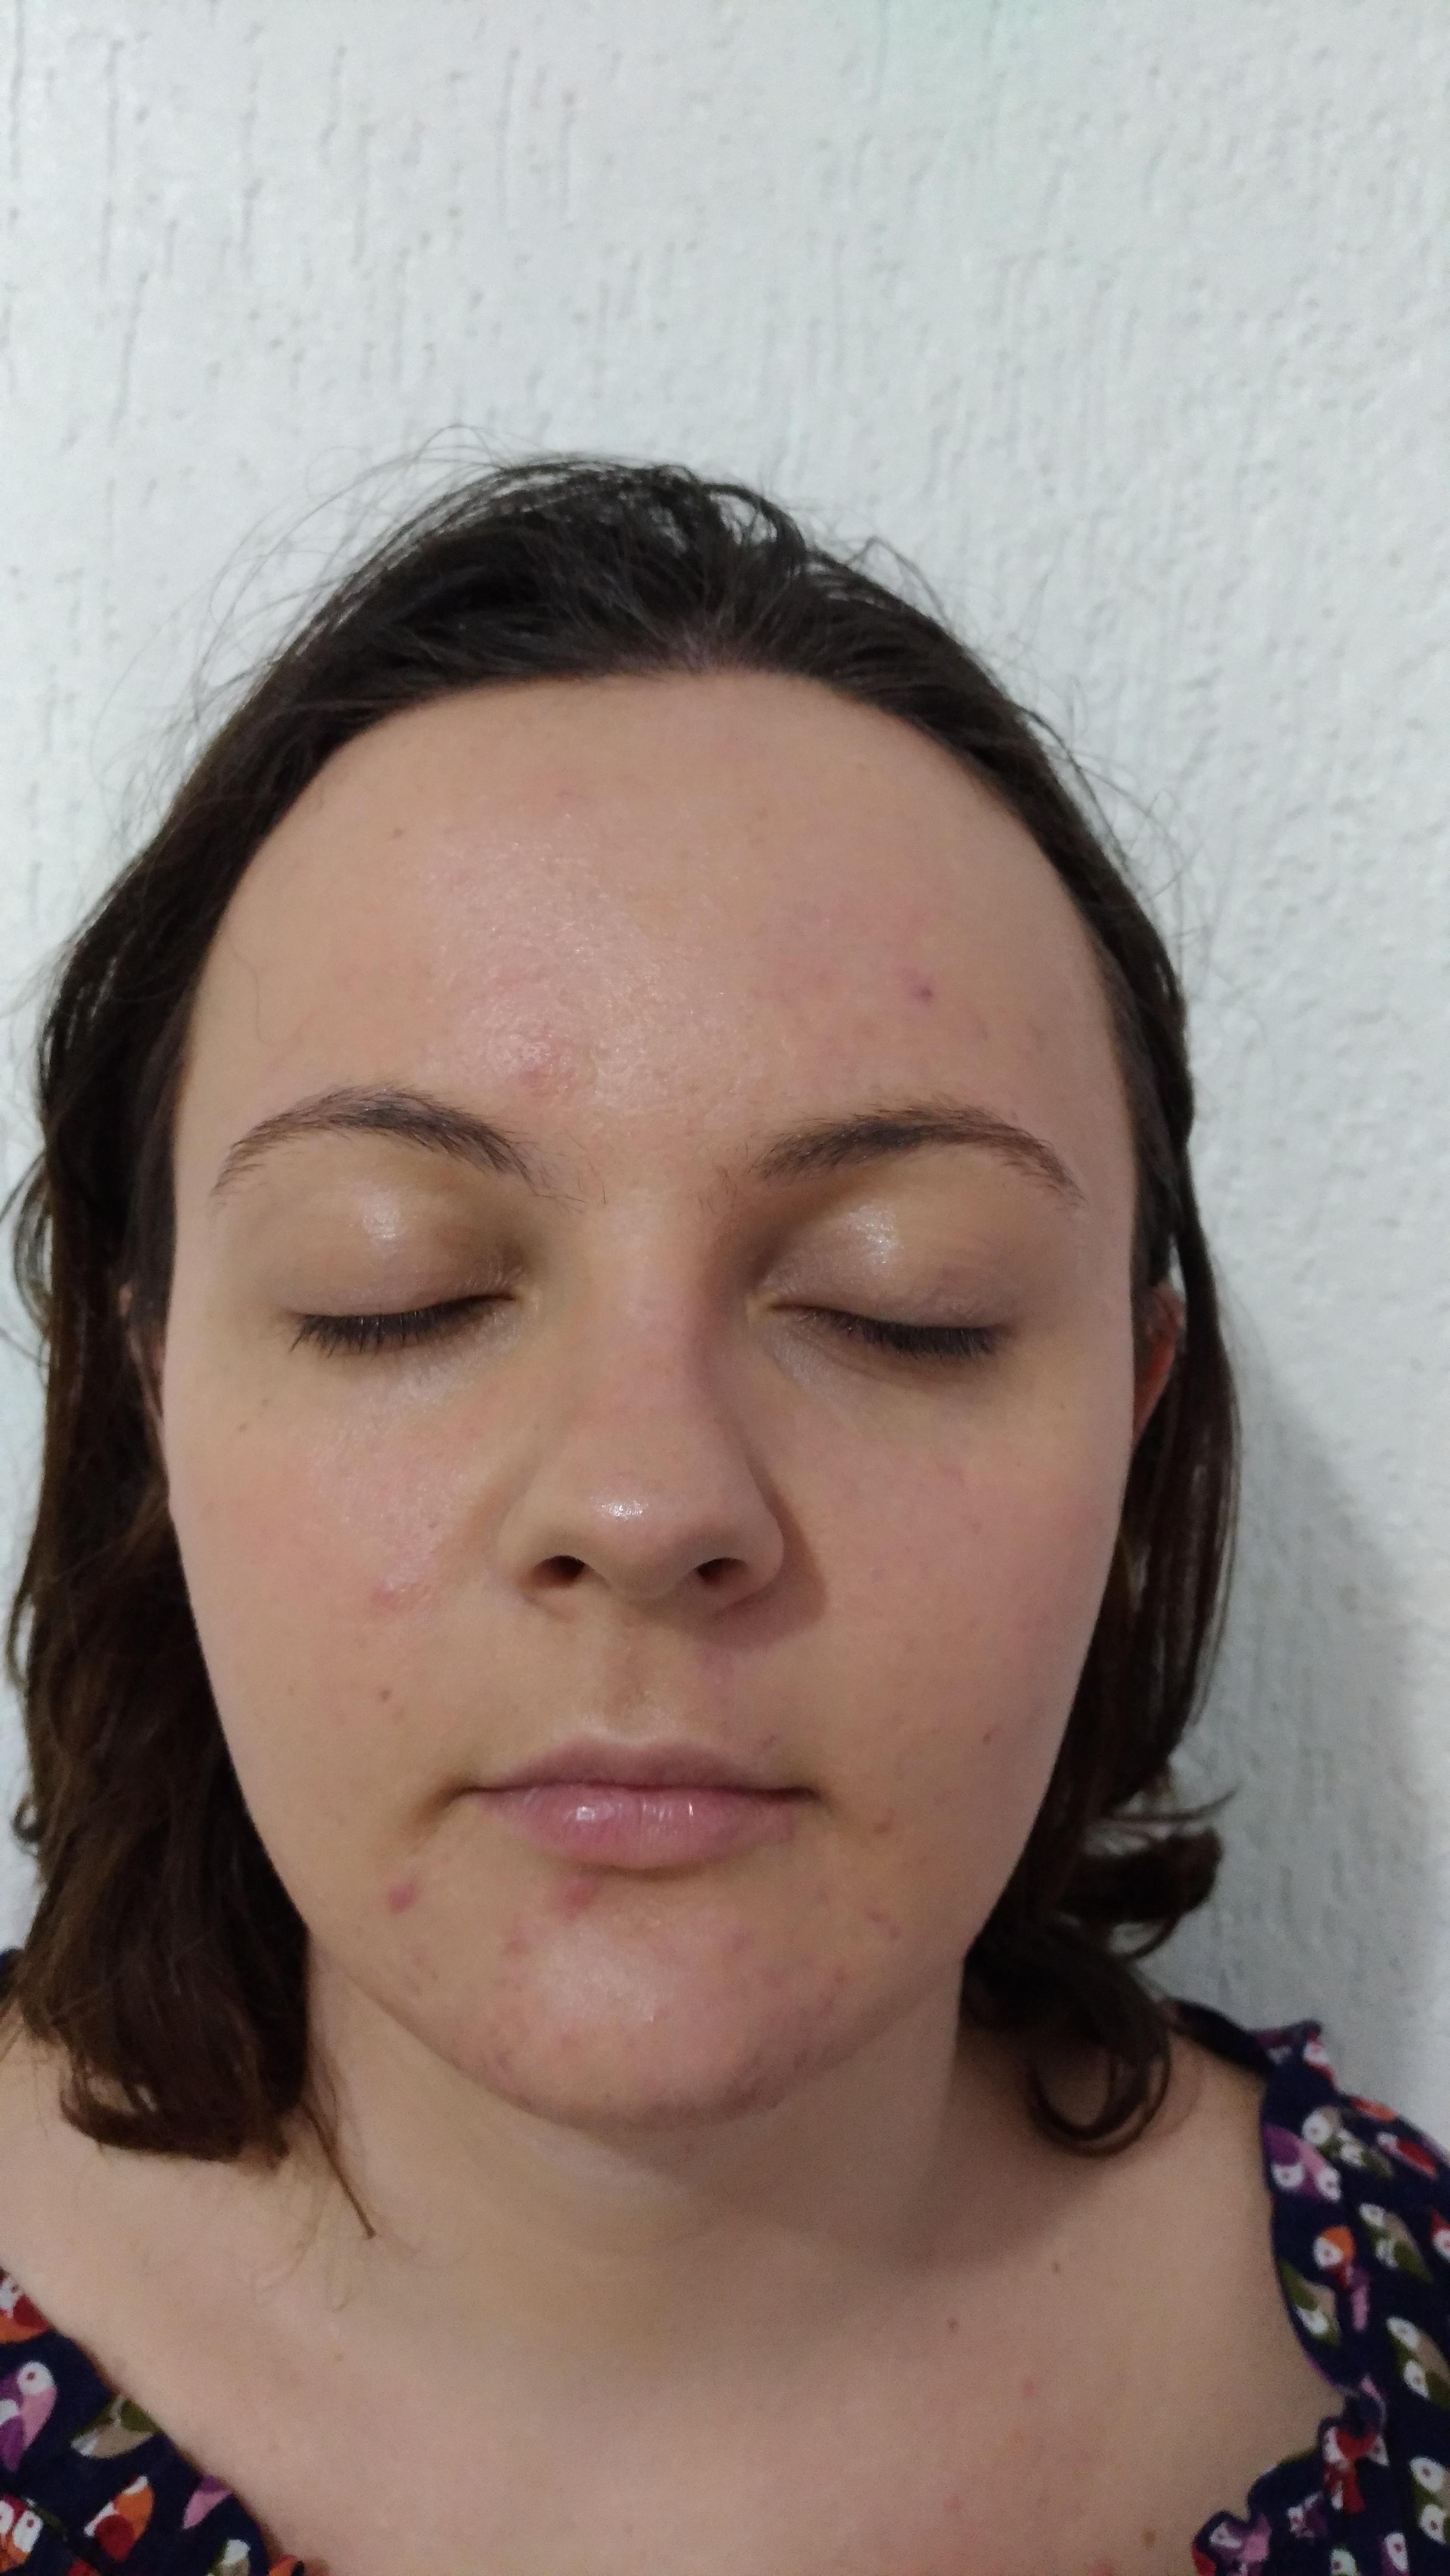 Primeira sessão Tratamento Facial contra Acne...Depois! estética esteticista massoterapeuta designer de sobrancelhas